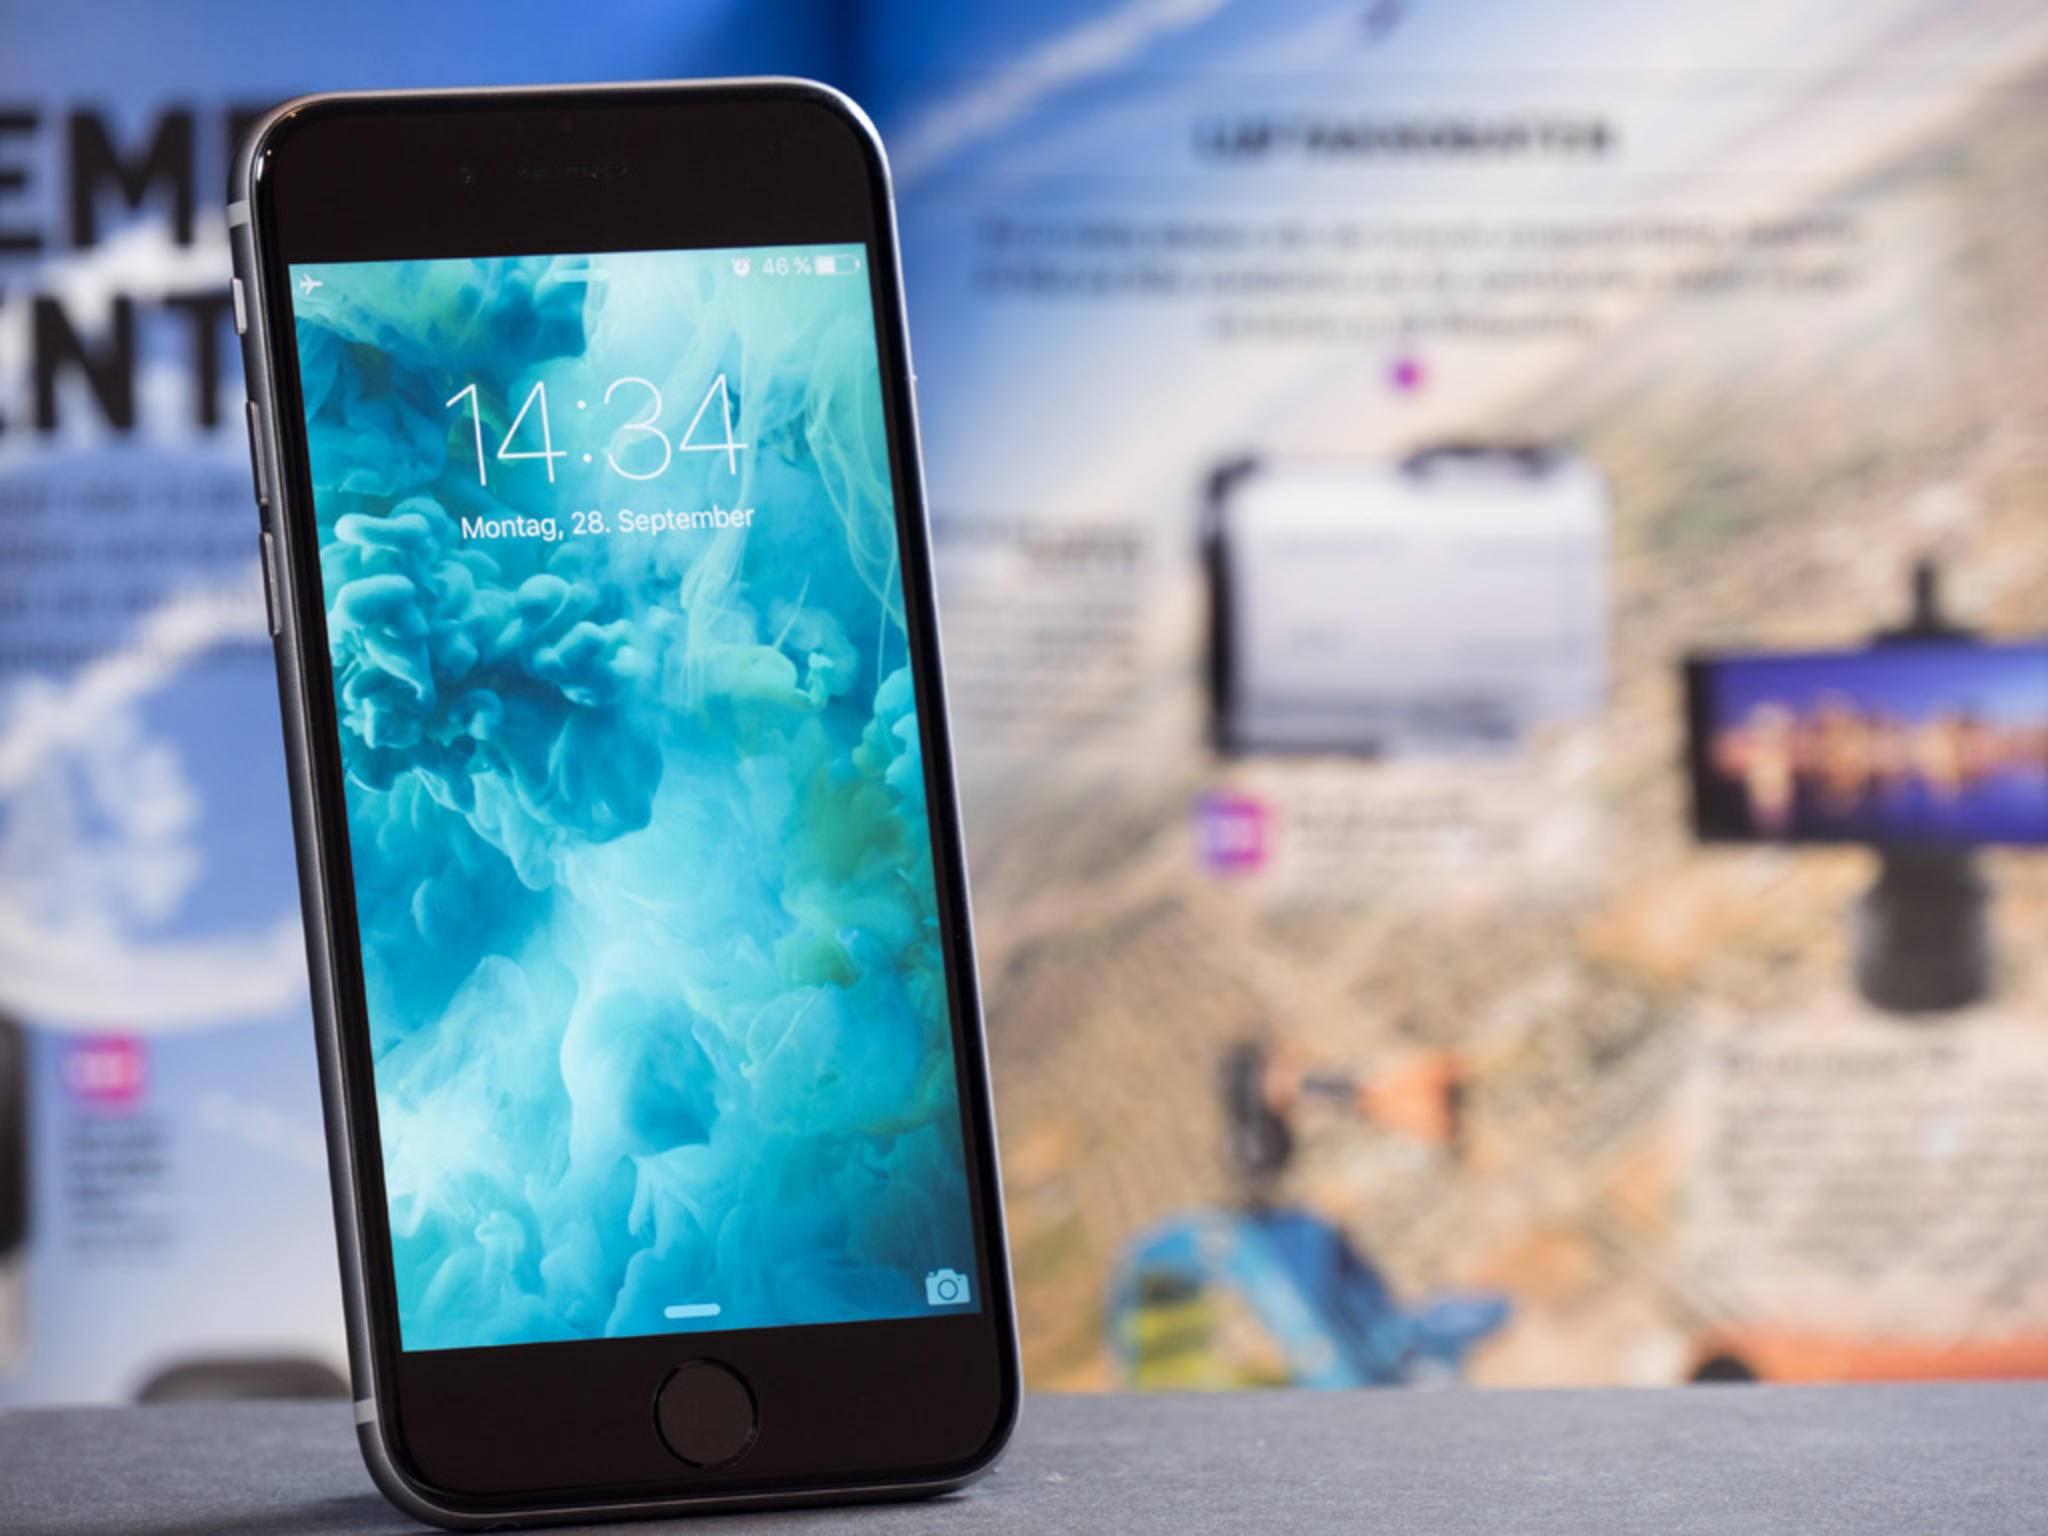 Das sind unsere 9 besten Smartphones des Jahres 2015.